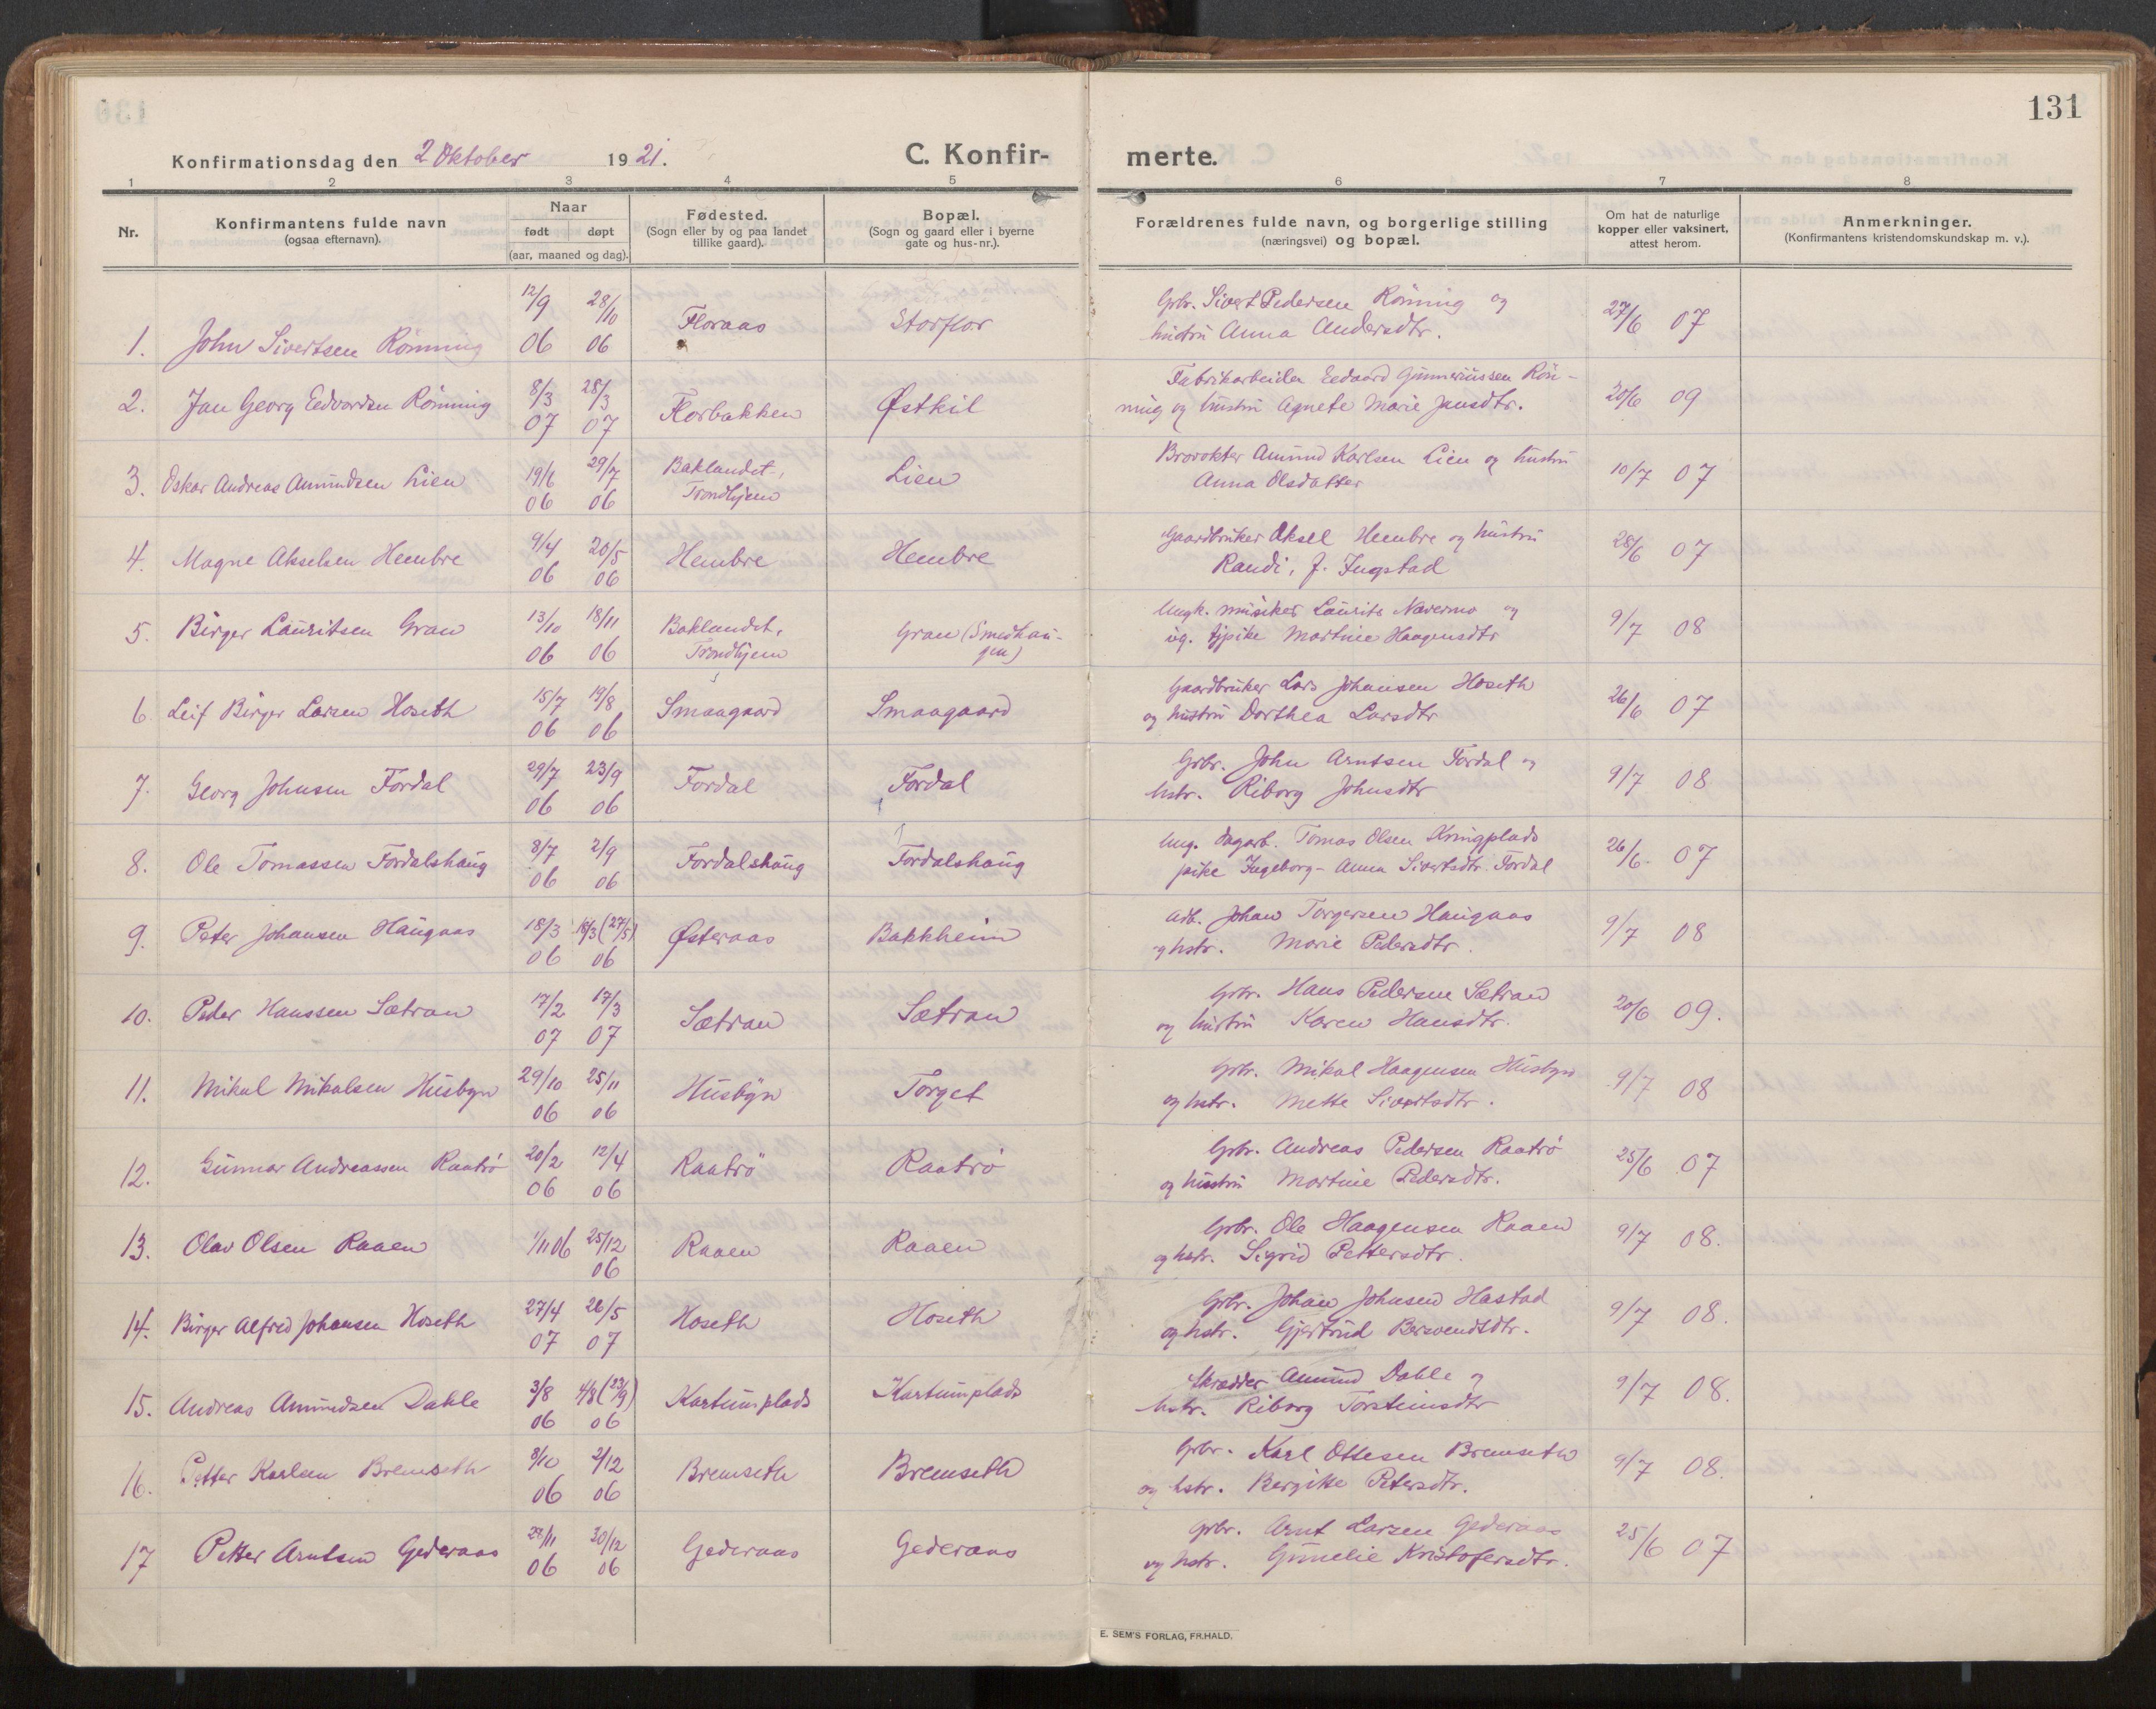 SAT, Ministerialprotokoller, klokkerbøker og fødselsregistre - Nord-Trøndelag, 703/L0037: Parish register (official) no. 703A10, 1915-1932, p. 131